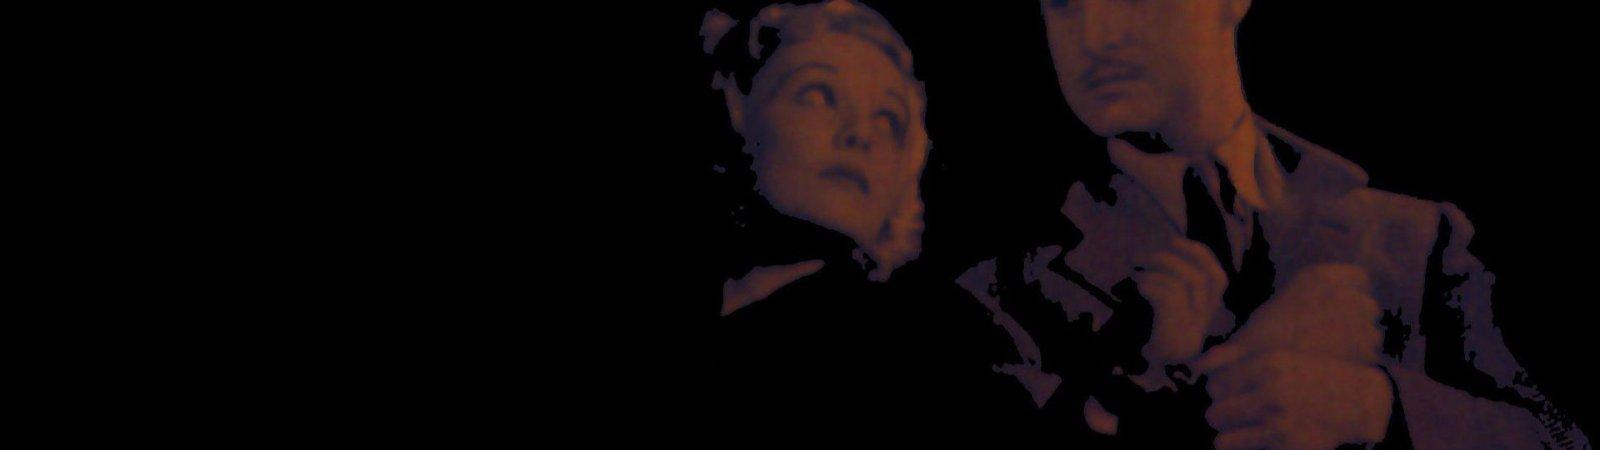 Photo dernier film Don Sharp